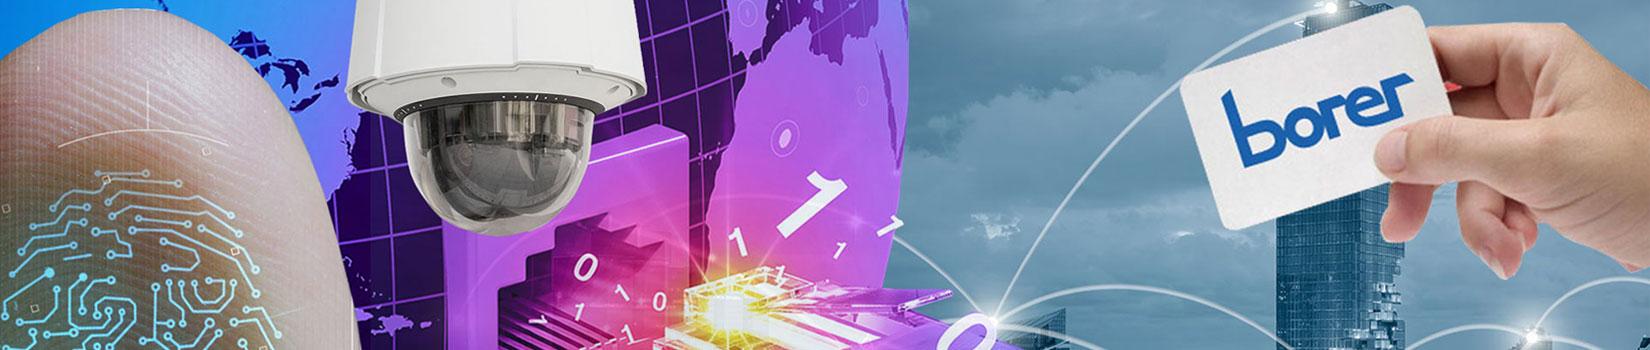 Borer Data Systems Ltd